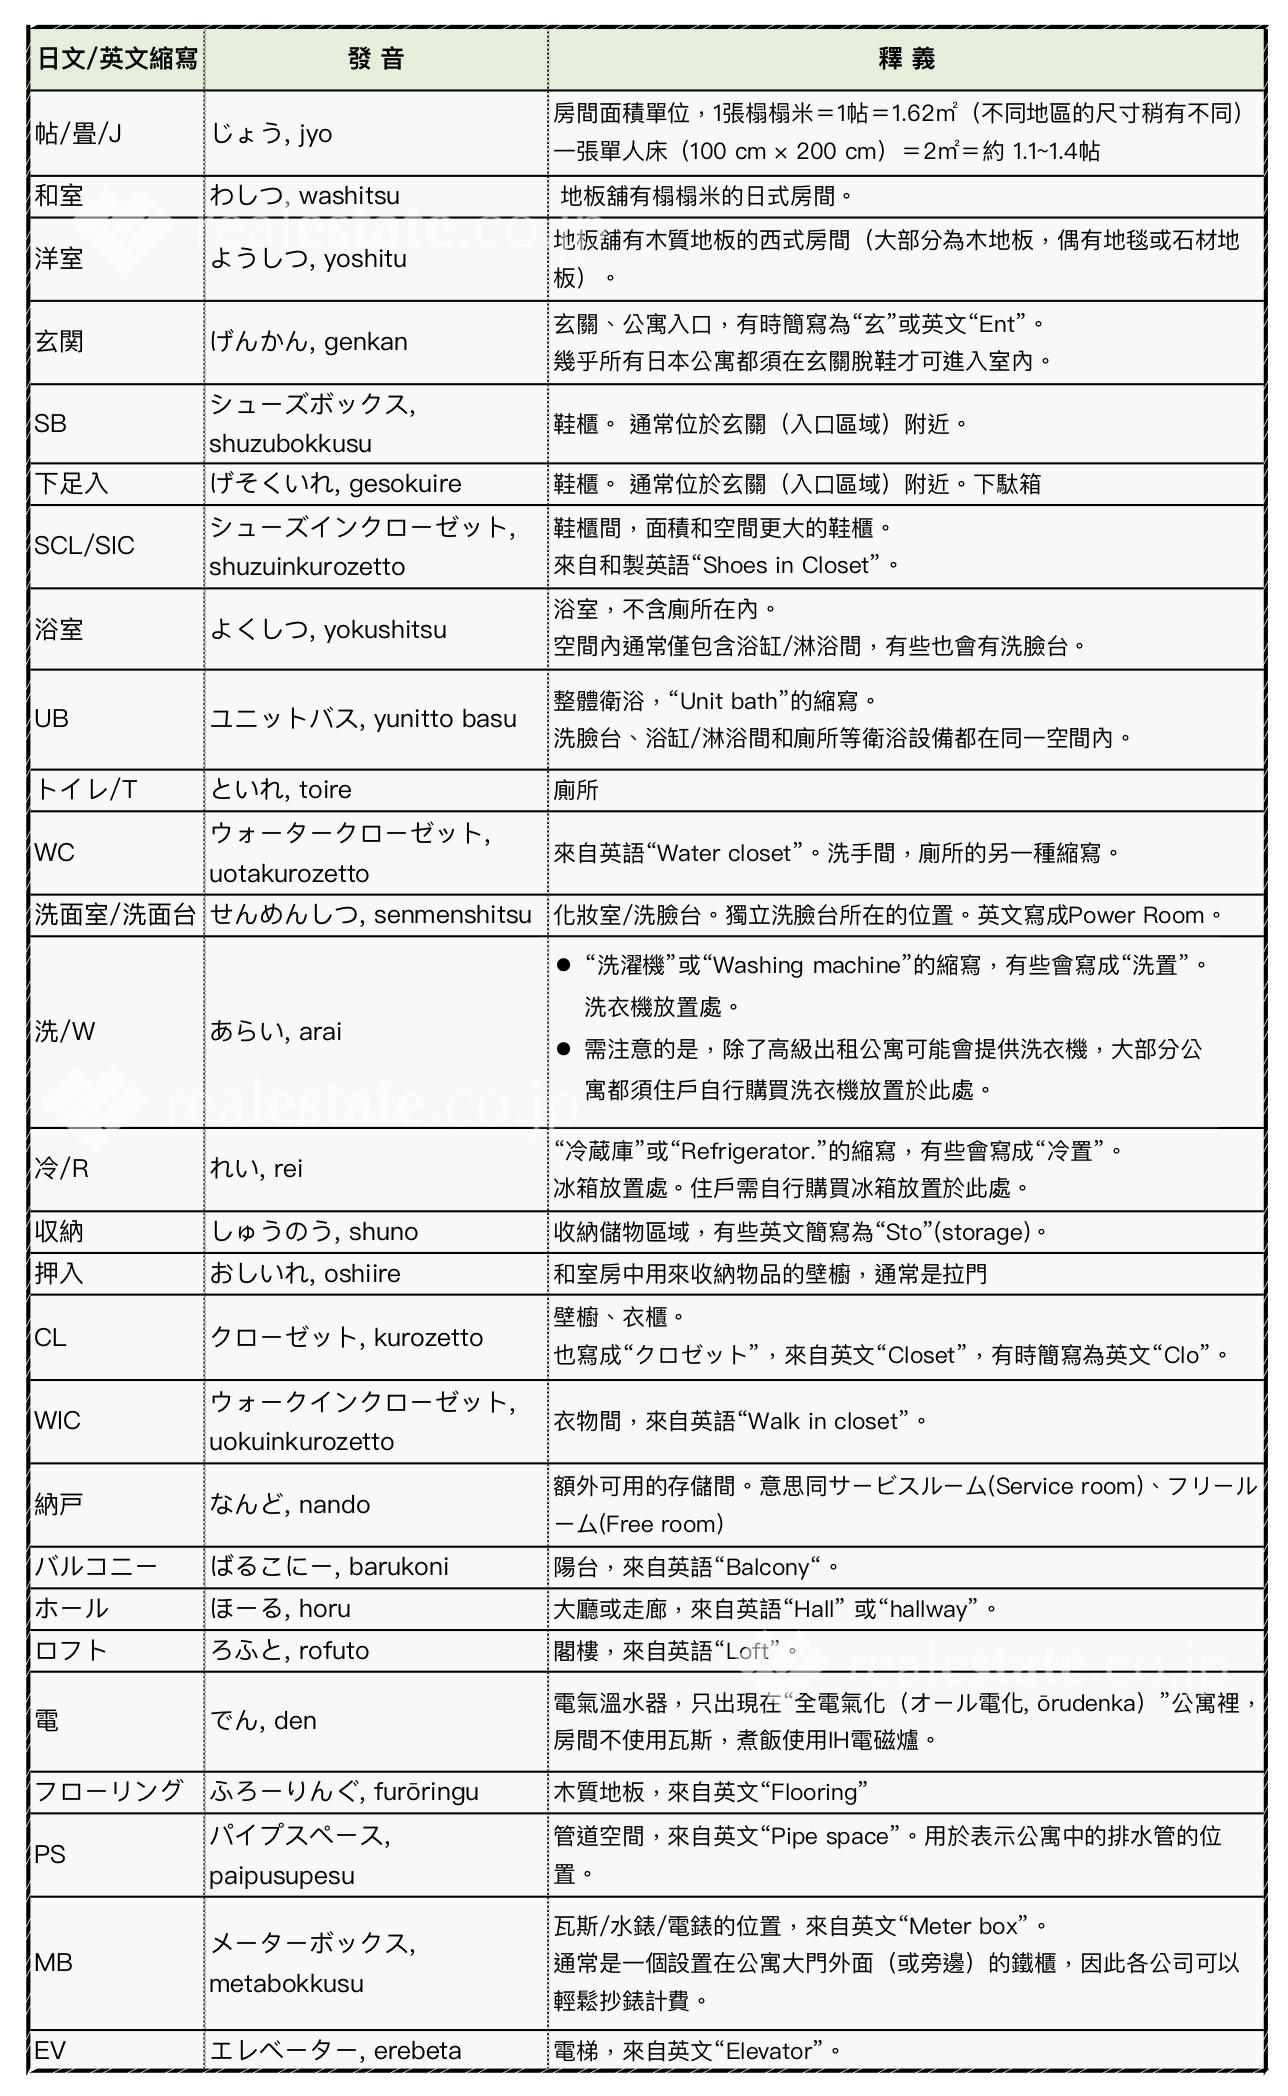 日本公寓格局縮寫中文解釋總整理|REJ不動產相關常用日文單字 - 部落格